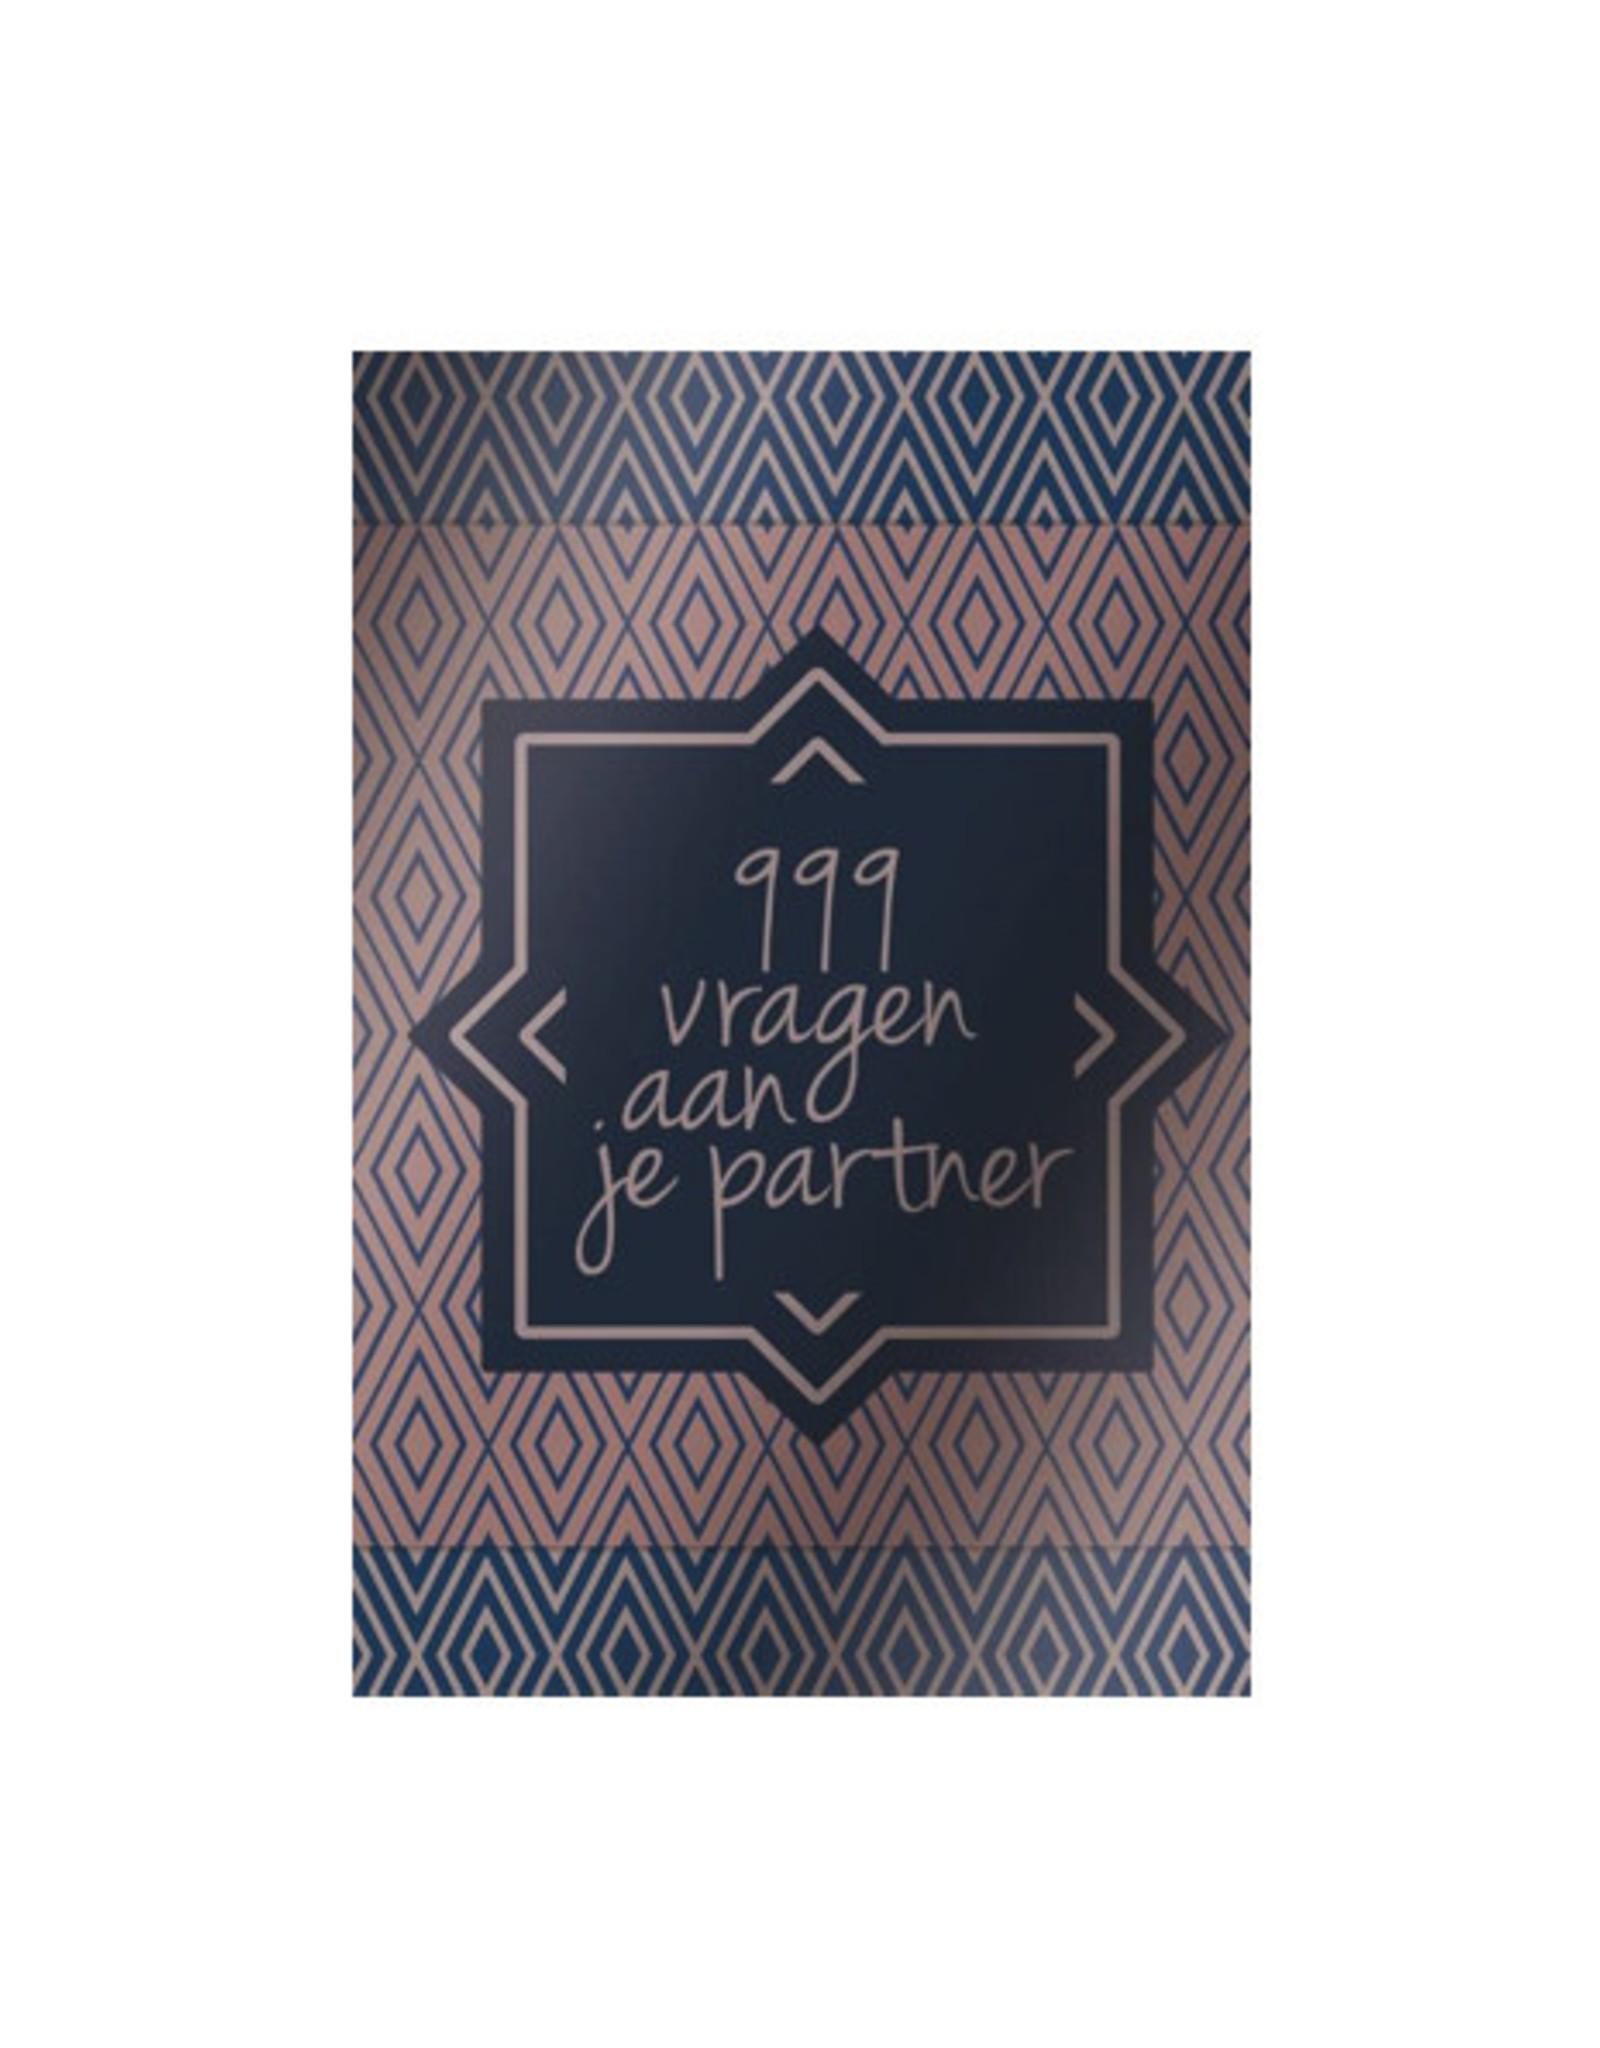 Mus book - 999 vragen aan je partner